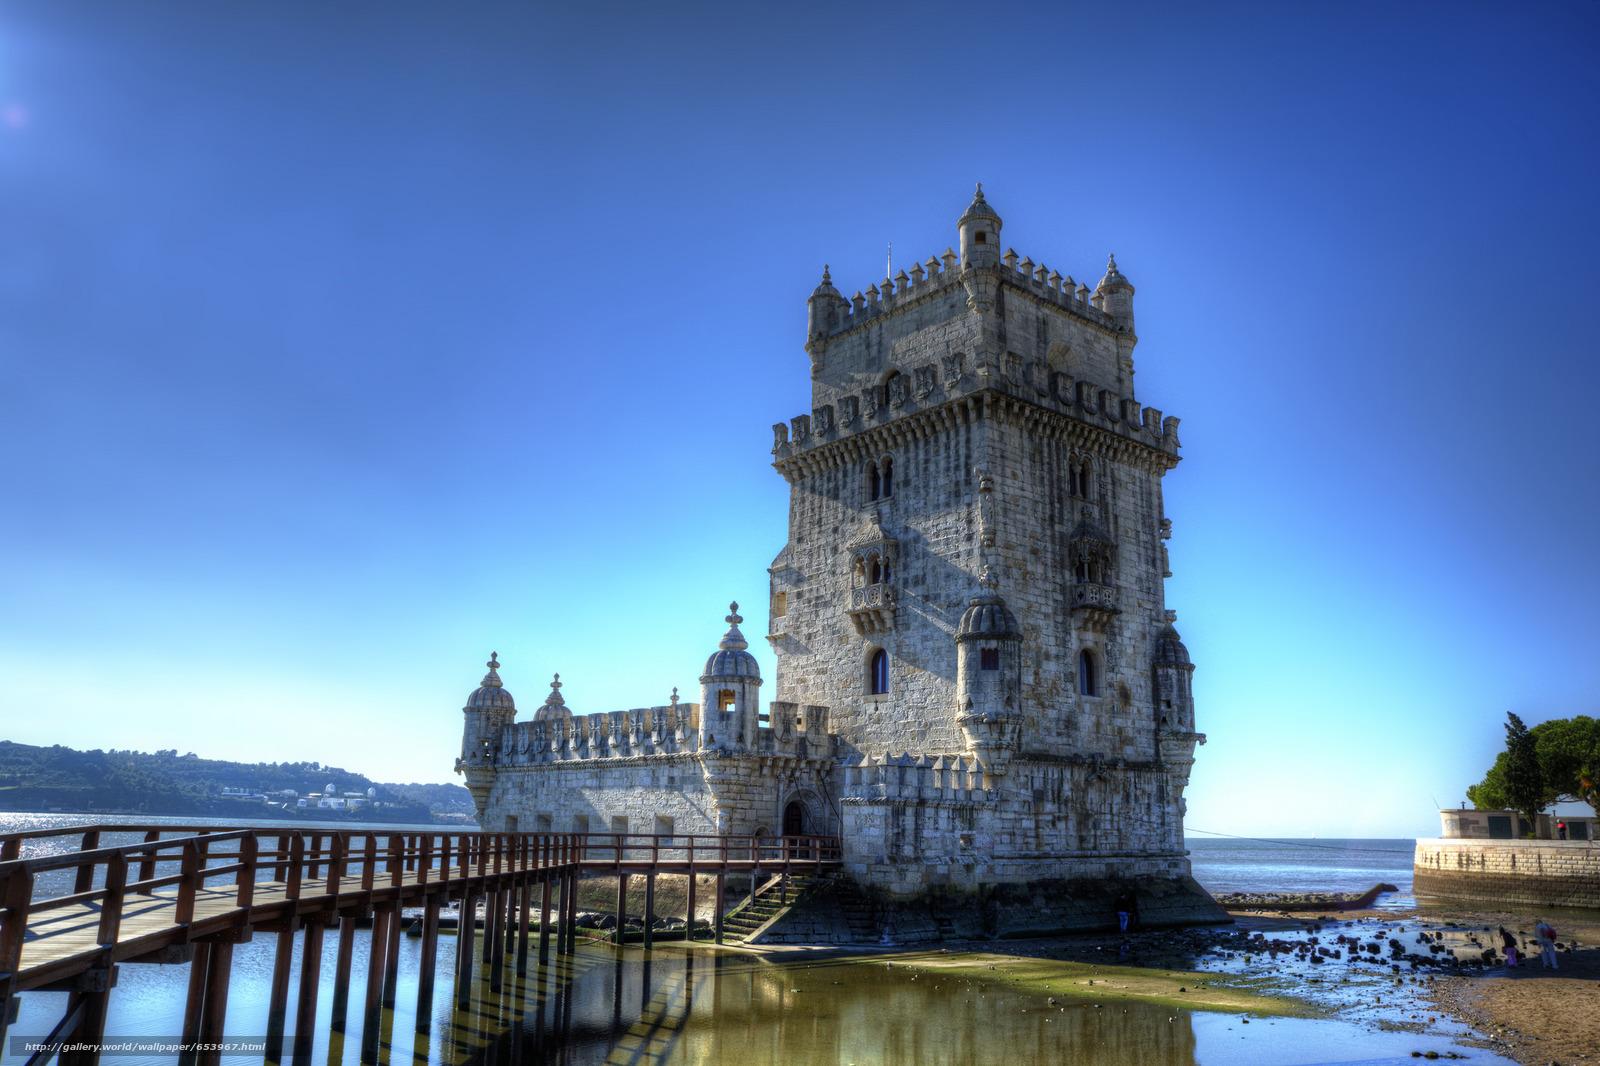 Скачать обои Белен Башня,  Санта-Мария-де-Белен,  Лиссабон,  Португалия бесплатно для рабочего стола в разрешении 2048x1365 — картинка №653967